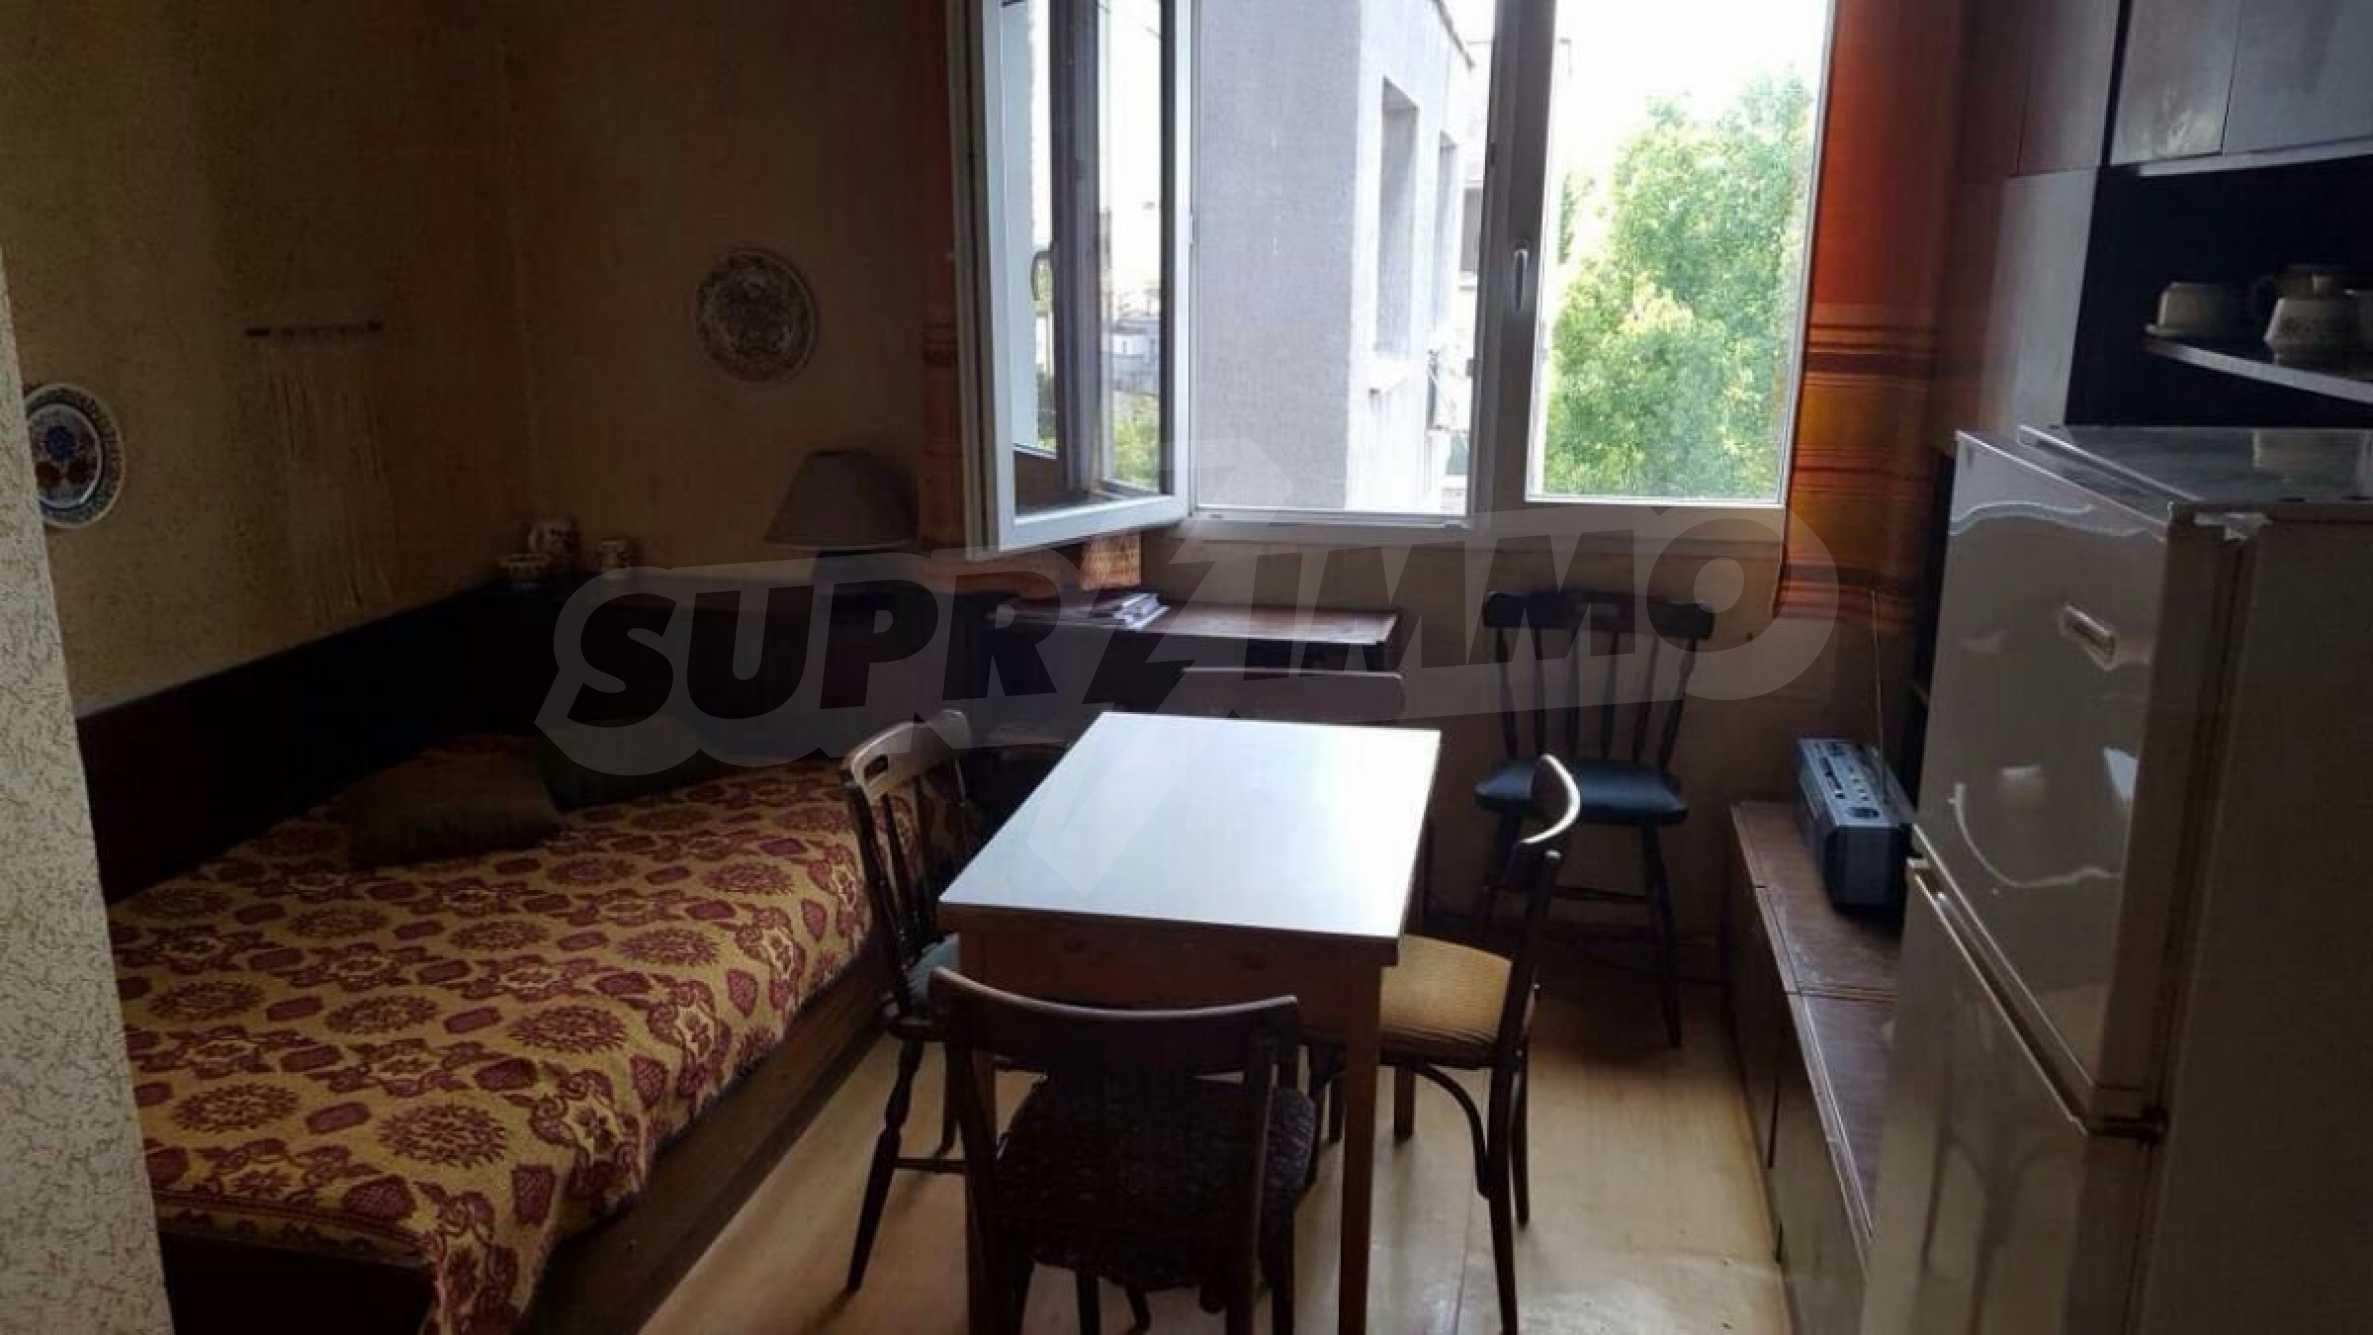 Двустаен апартамент с разширение в близост до центъра на град Видин 10